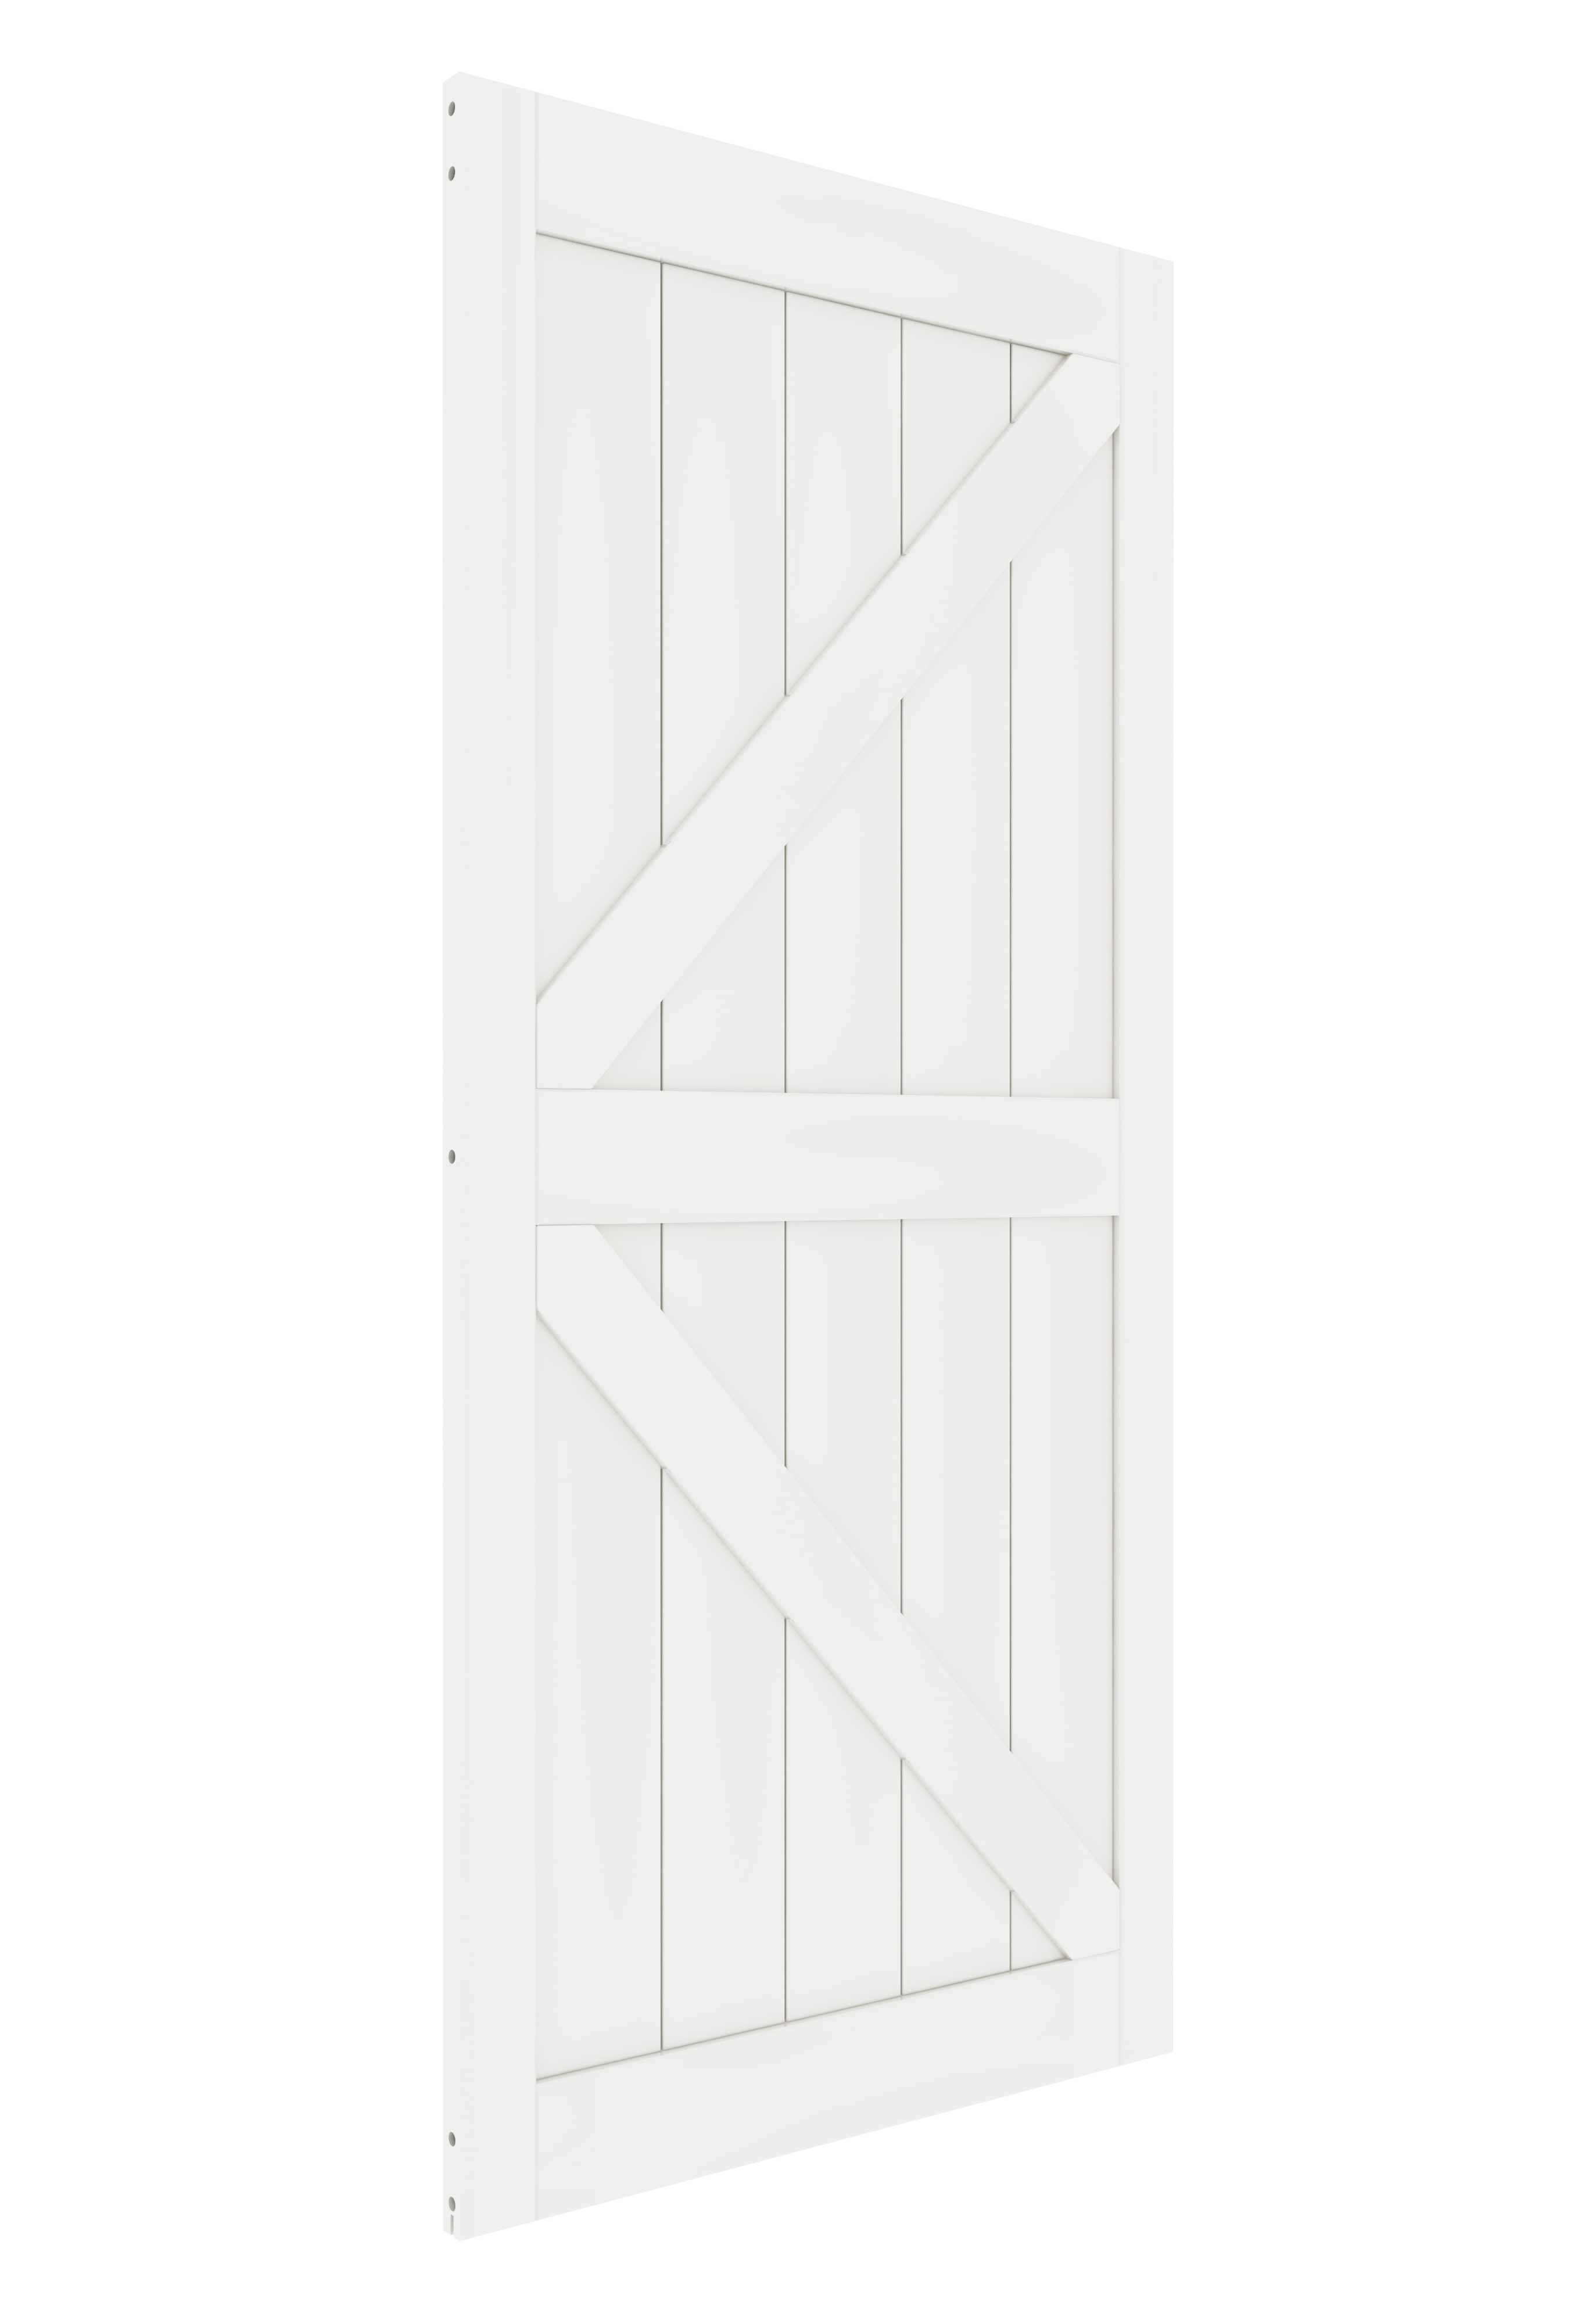 DIYHD K en forme de noyau solide grange dalle MDF apprêté panneau de porte intérieure (démonté), White-36X84, White-38X84 - 2